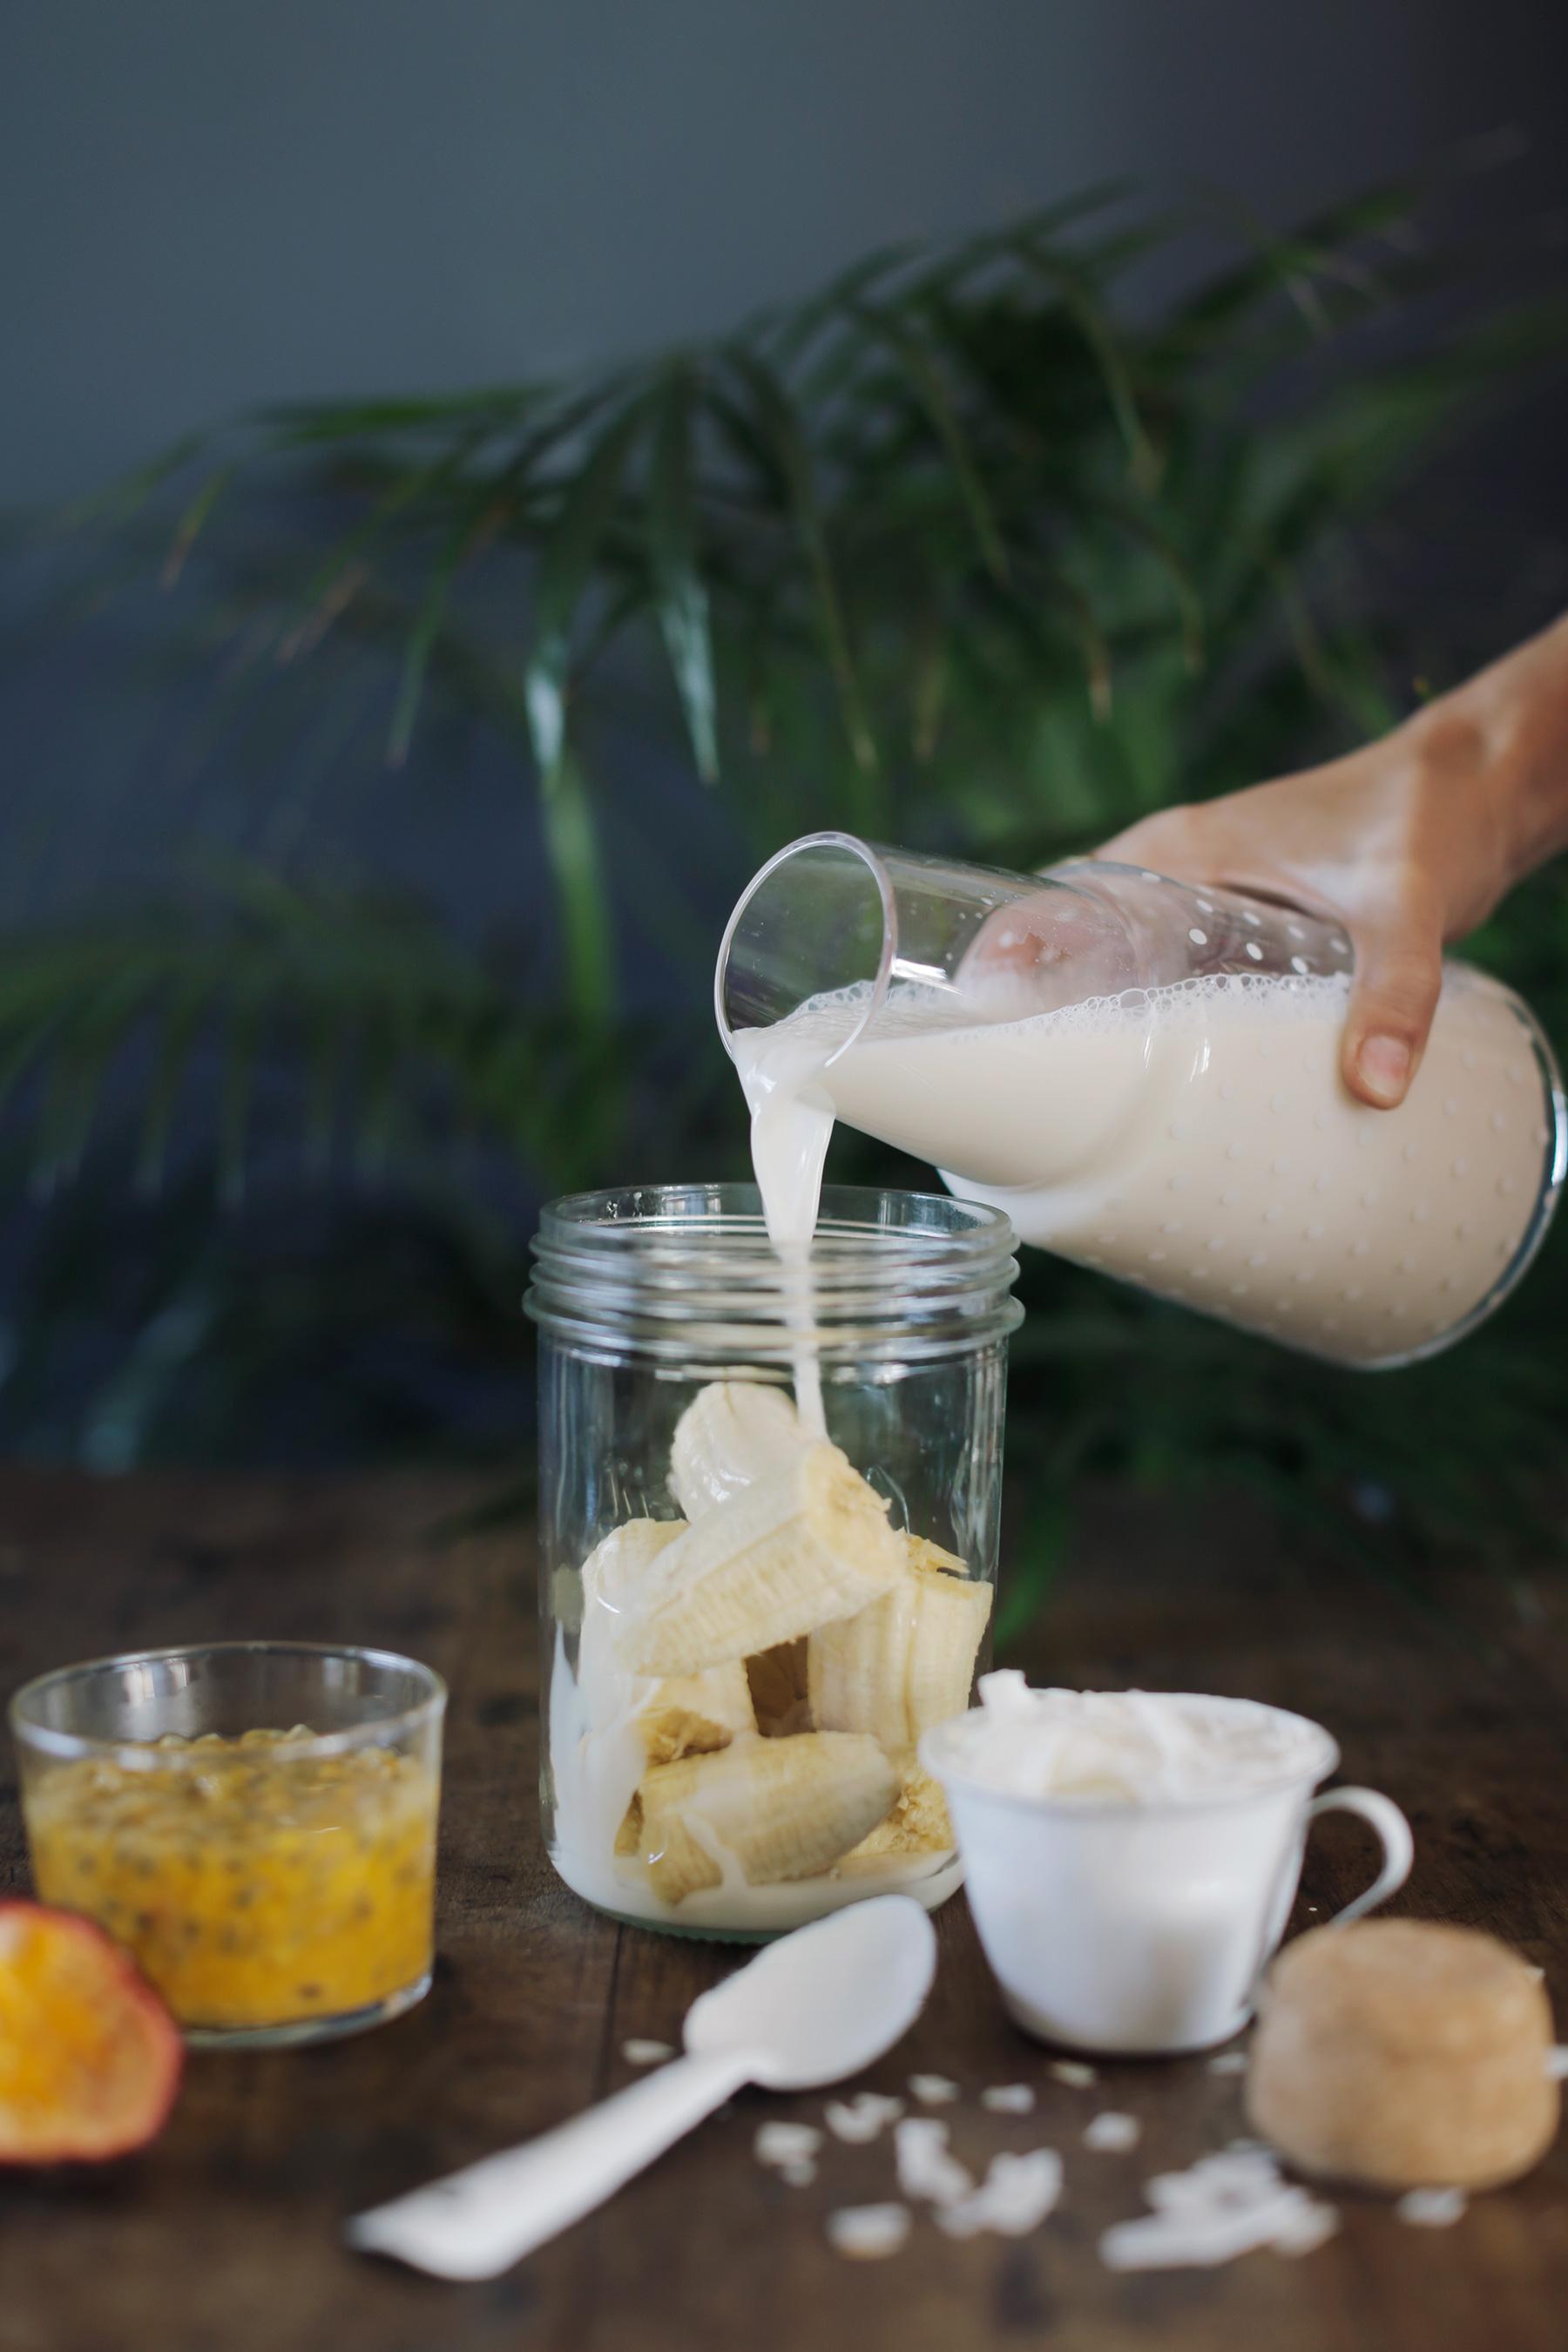 Coconut-Granadilla-and-Banana-smoothie-6